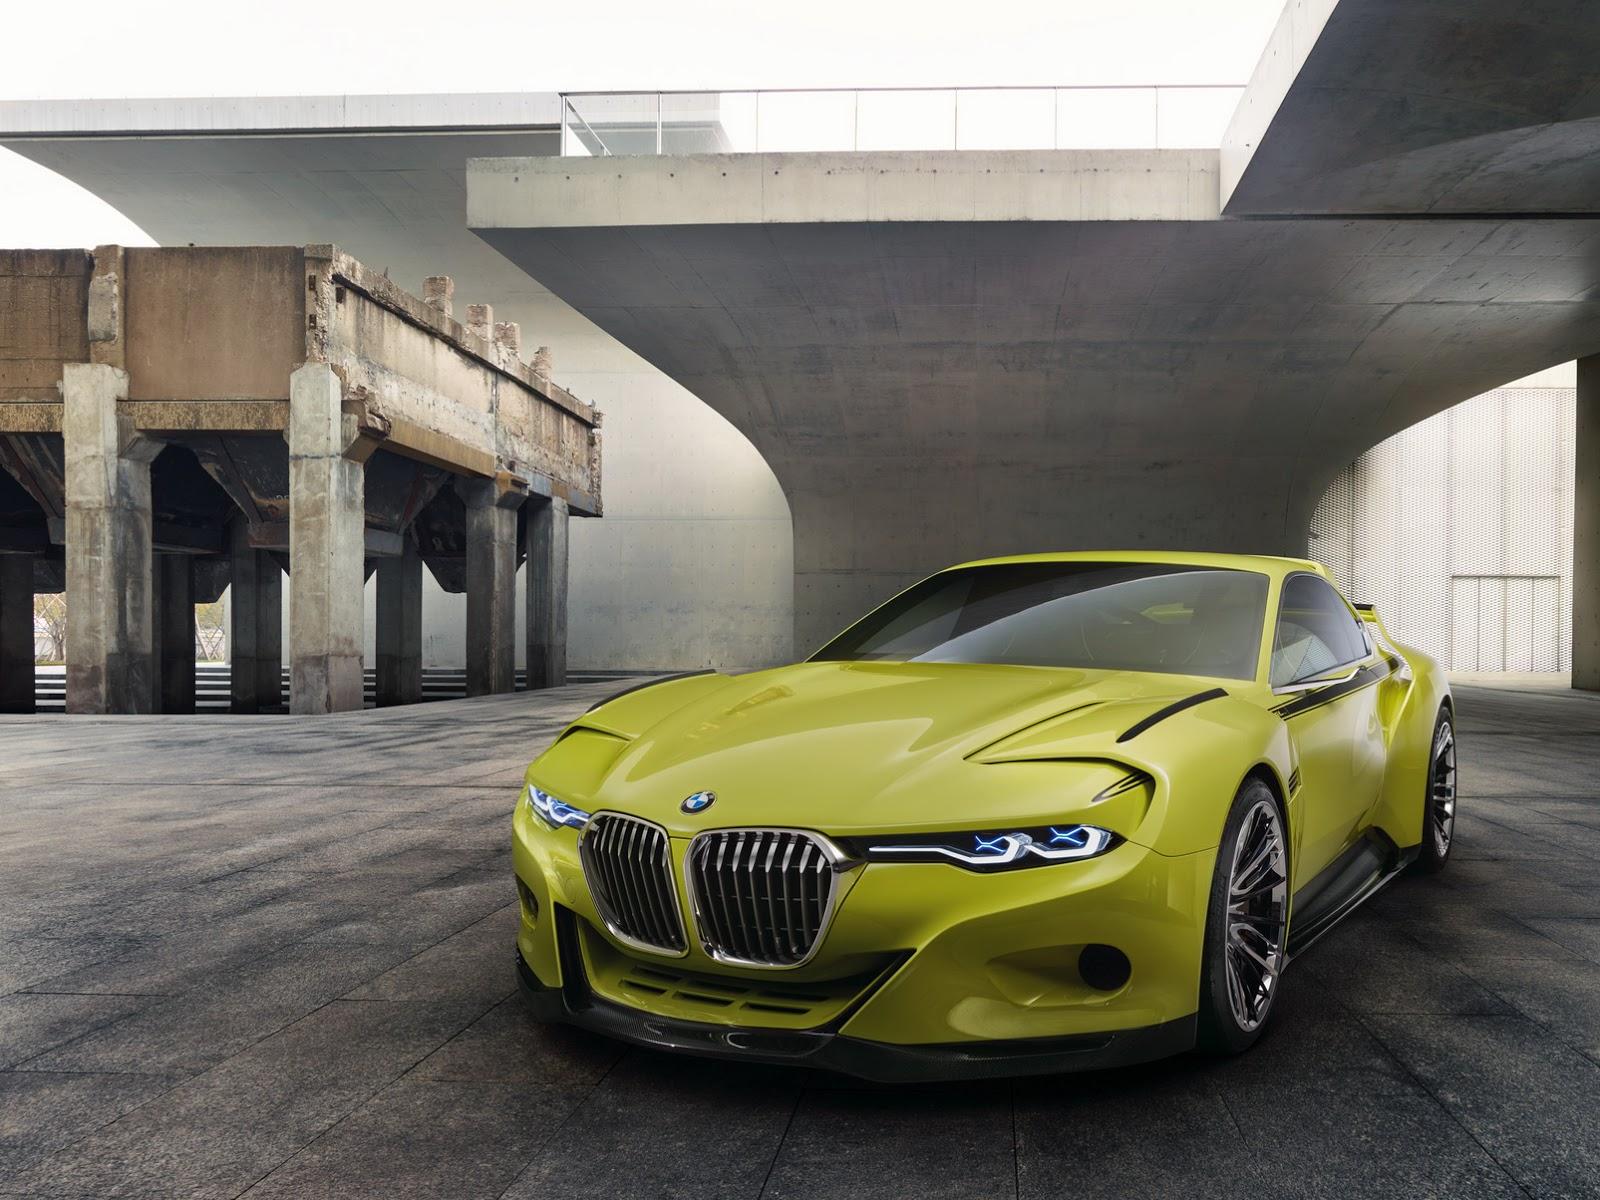 2015 -[BMW] 3.0 CSL Hommage - Page 2 BMW-3-0-CSL-Hommage-11